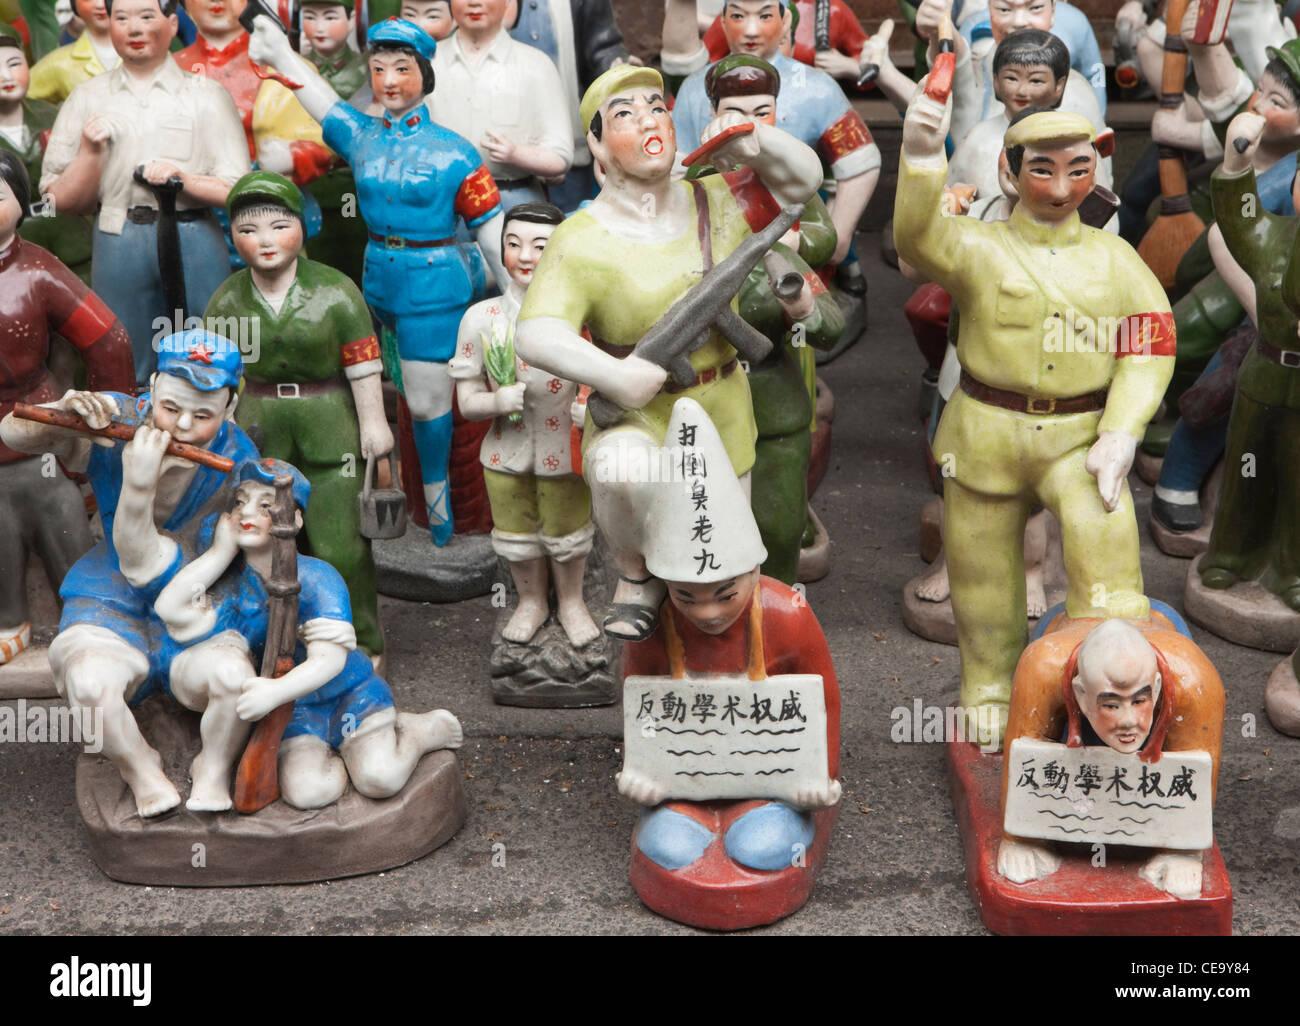 Antique Ceramic Revolutionary Figures; Dongtai Road Antiques Market; Laoximen; Shanghai - Stock Image